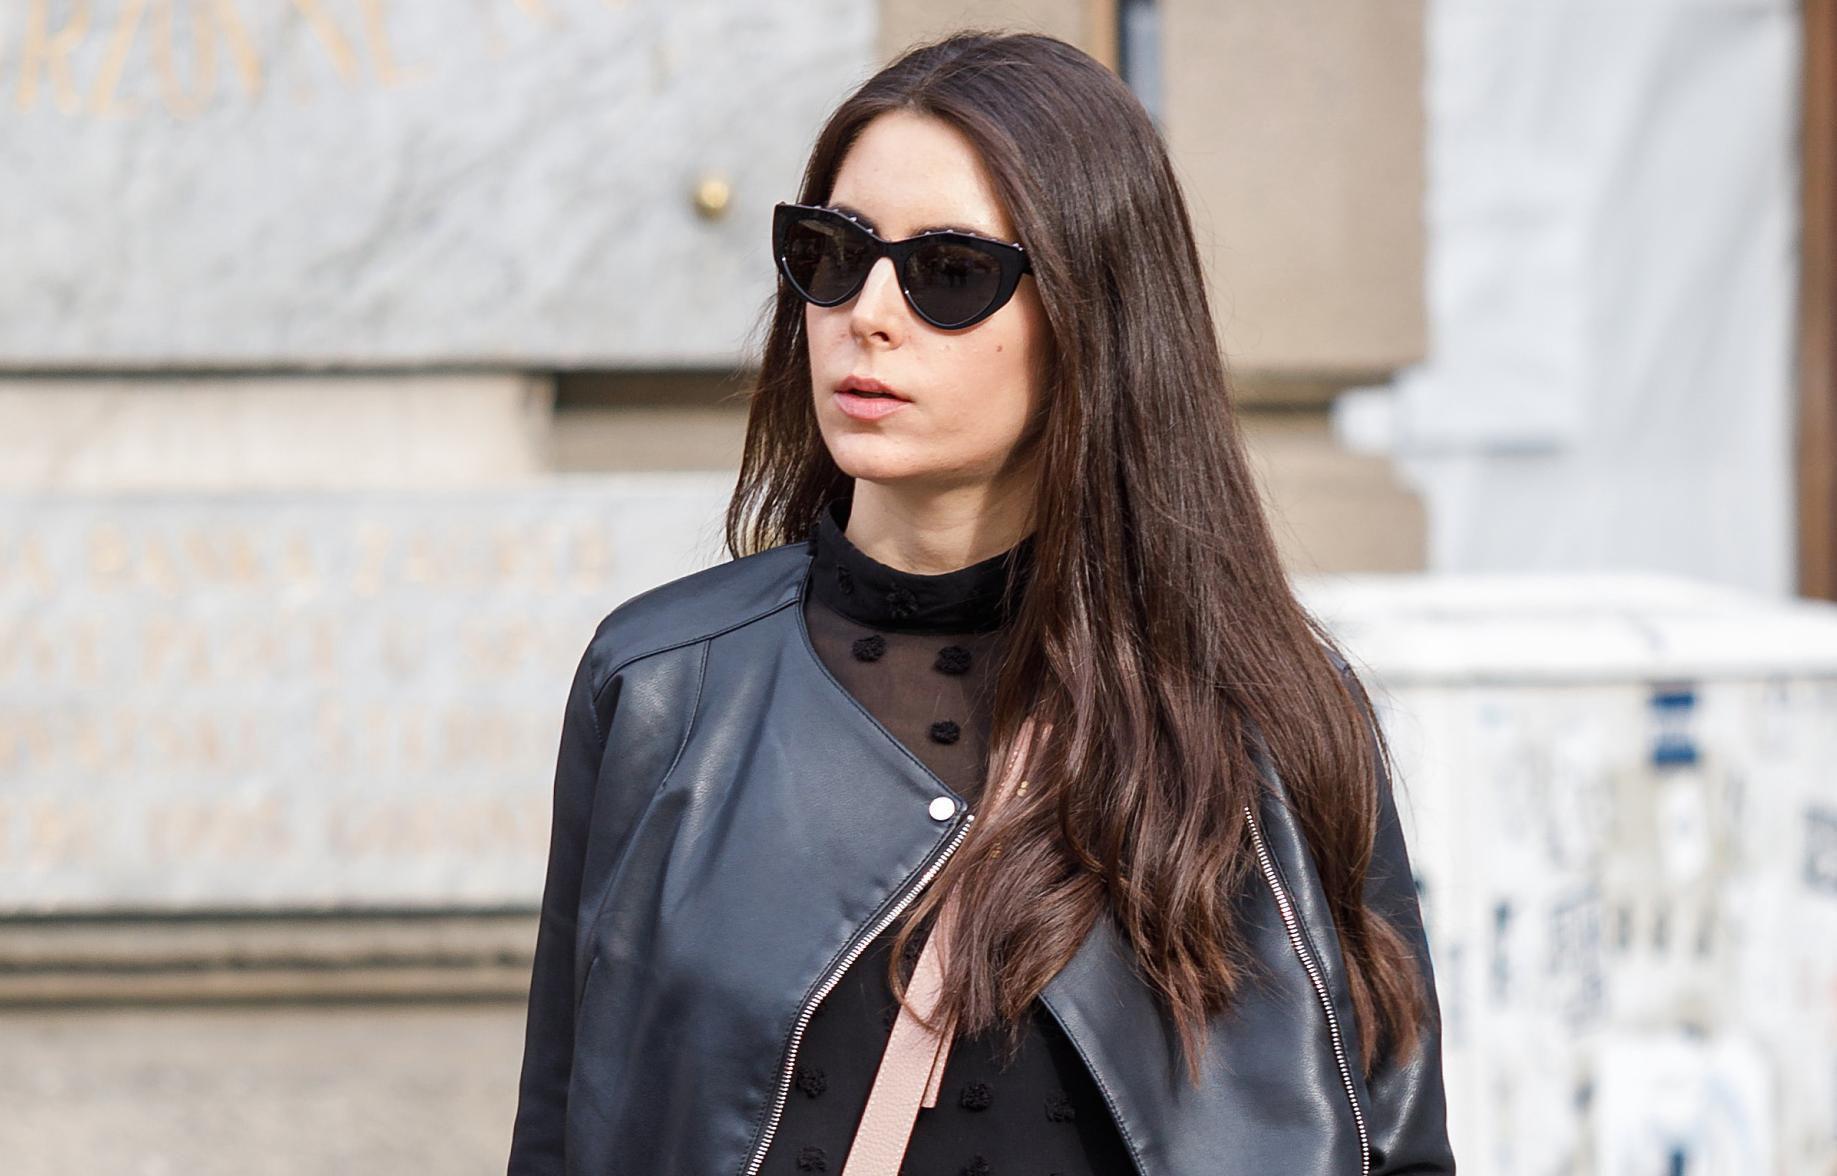 Prekrasna brineta sa špice odlično nosi traperice za koje mnogi kažu da ih nikad ne bi odjenuli